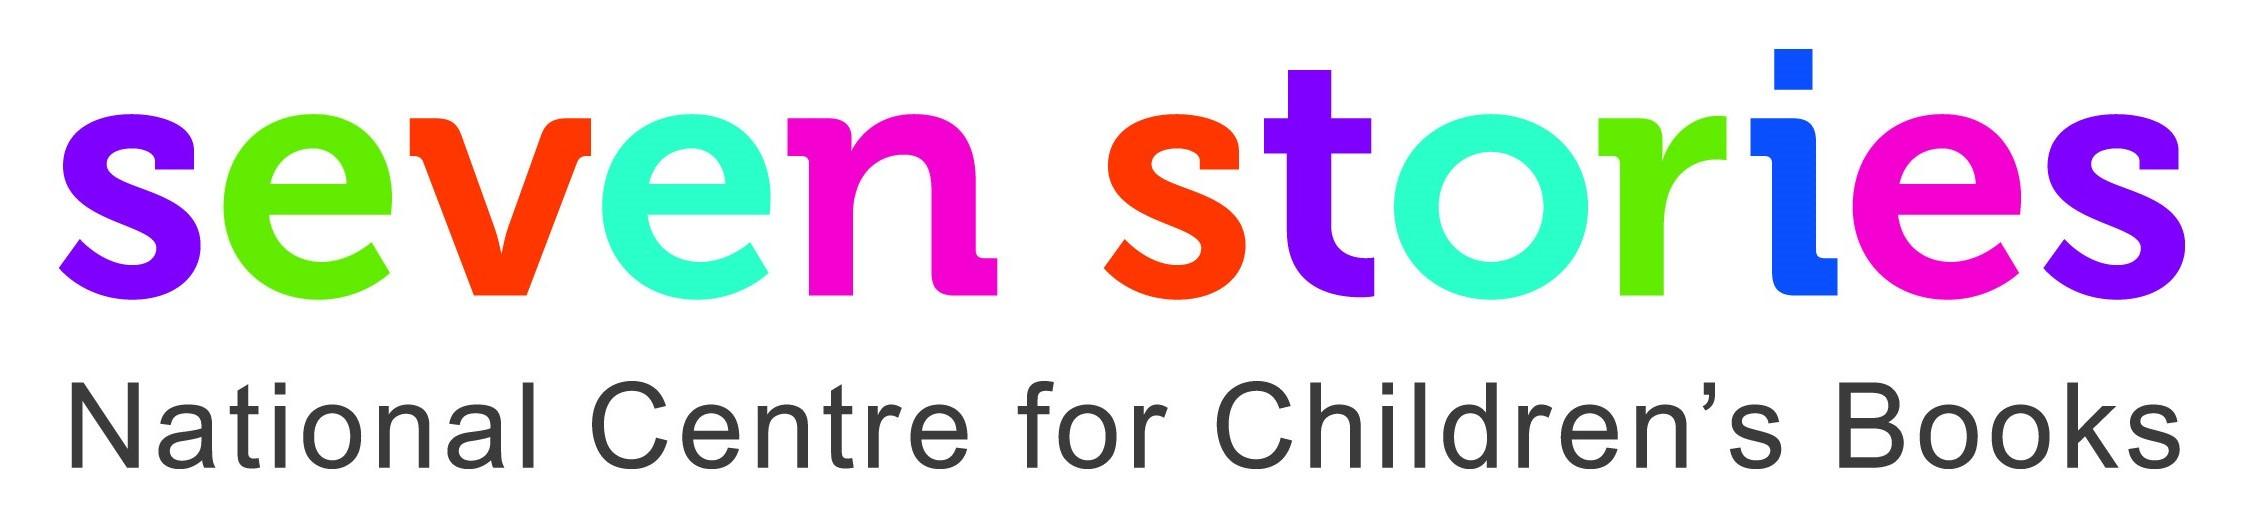 Seven Stories logo.jpg